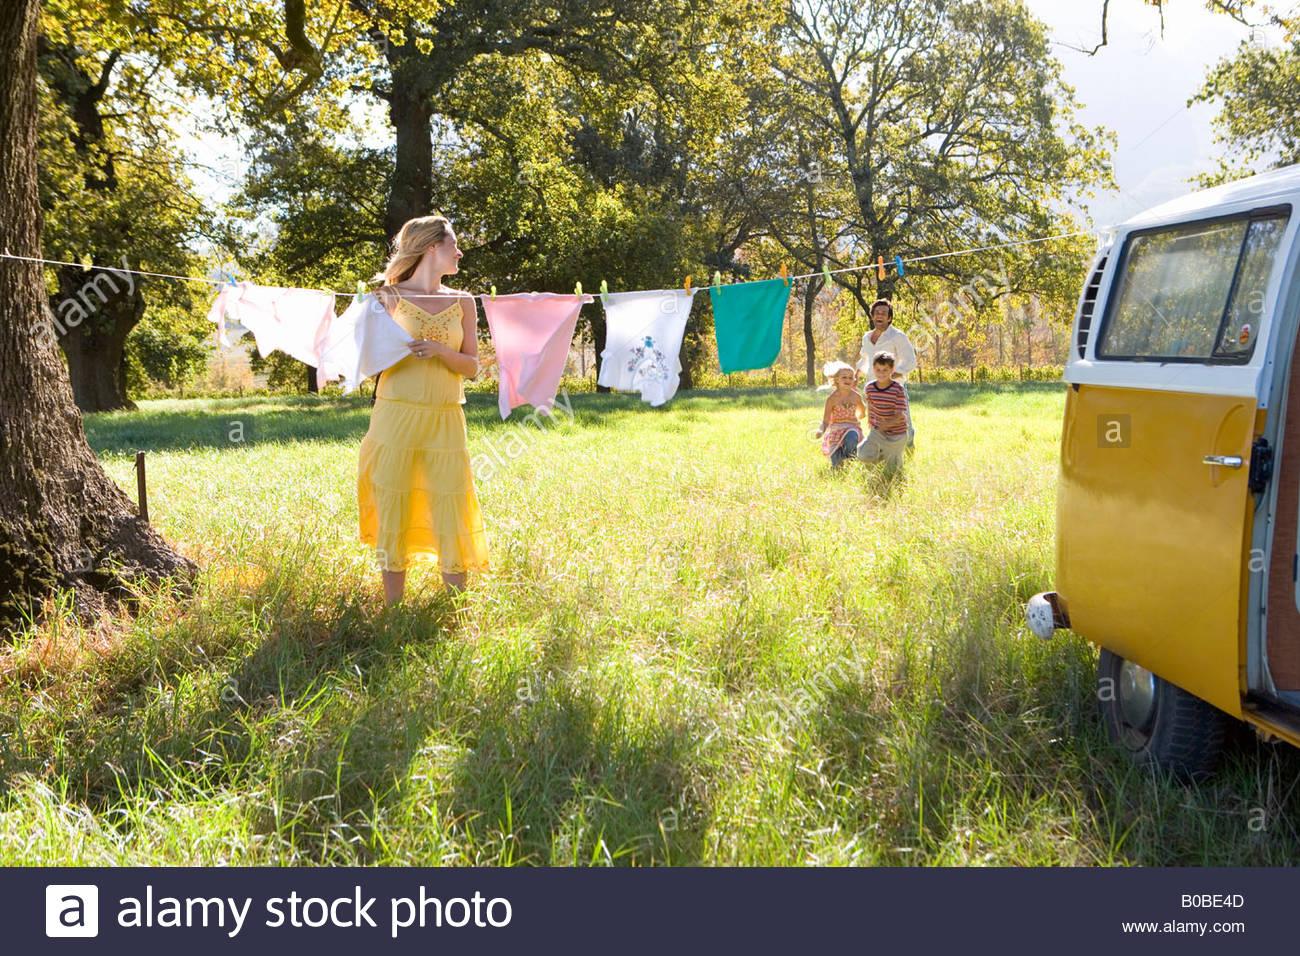 Mujer joven colgando en la línea de lavado por autocaravana, mirando atrás en el campo de familia Imagen De Stock